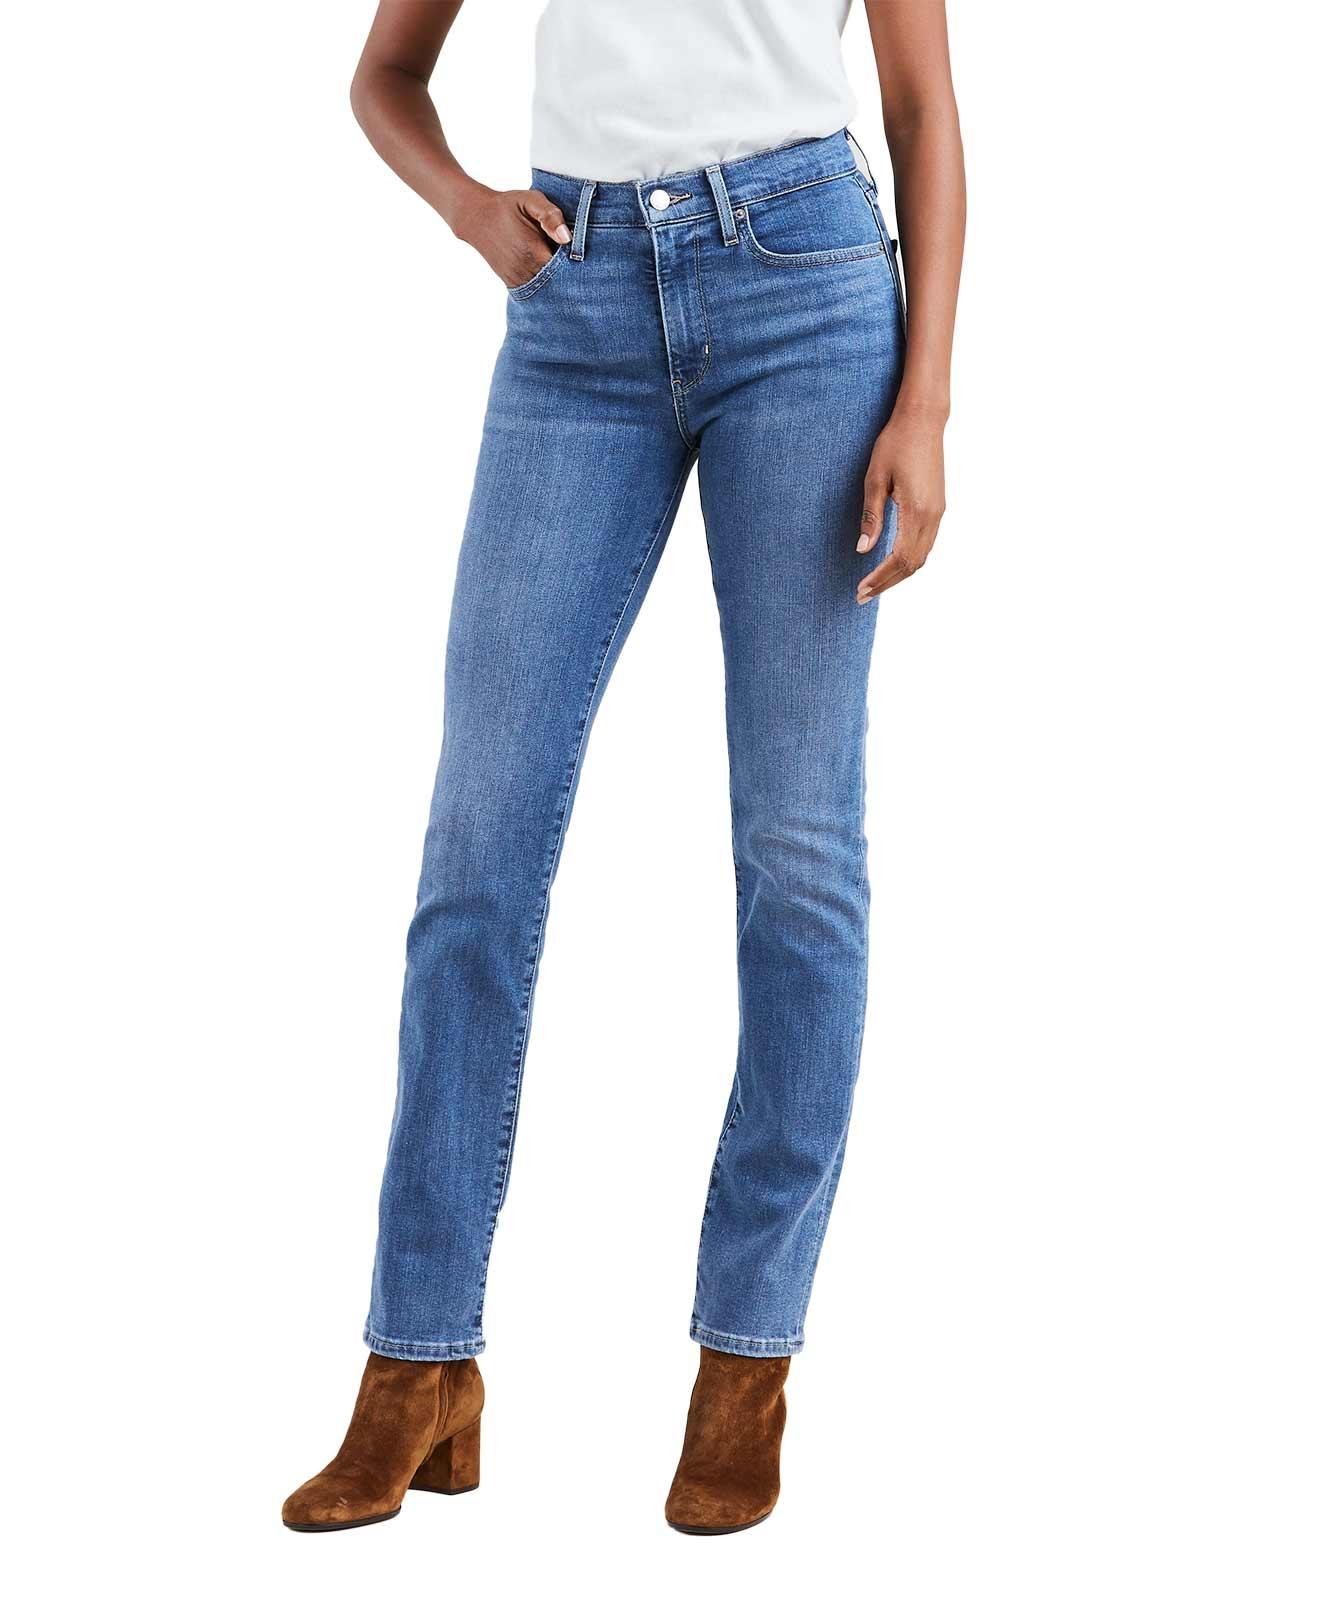 Hosen für Frauen - Levi's 724 Gerade Jeans mit hohem Bund in Stone Optik  - Onlineshop Jeans Meile